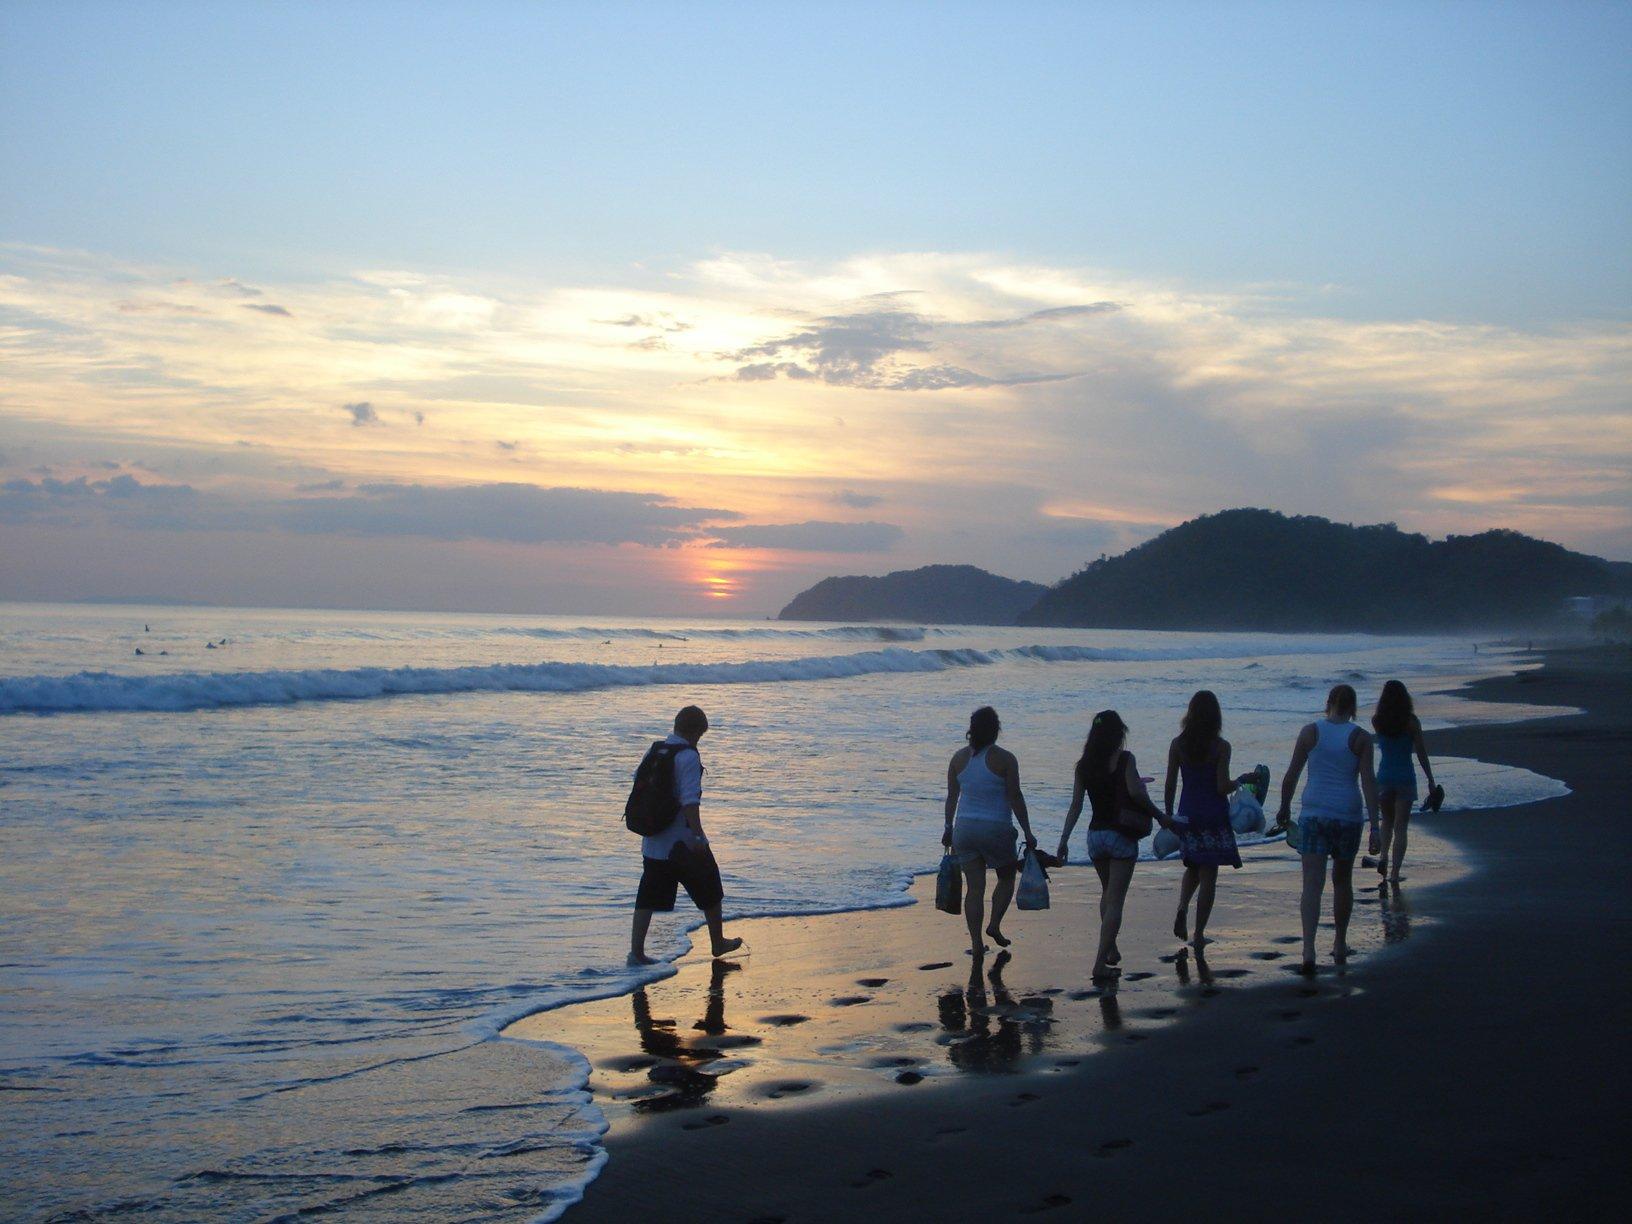 Jeunes marchant sur une plage au coucher du soleil